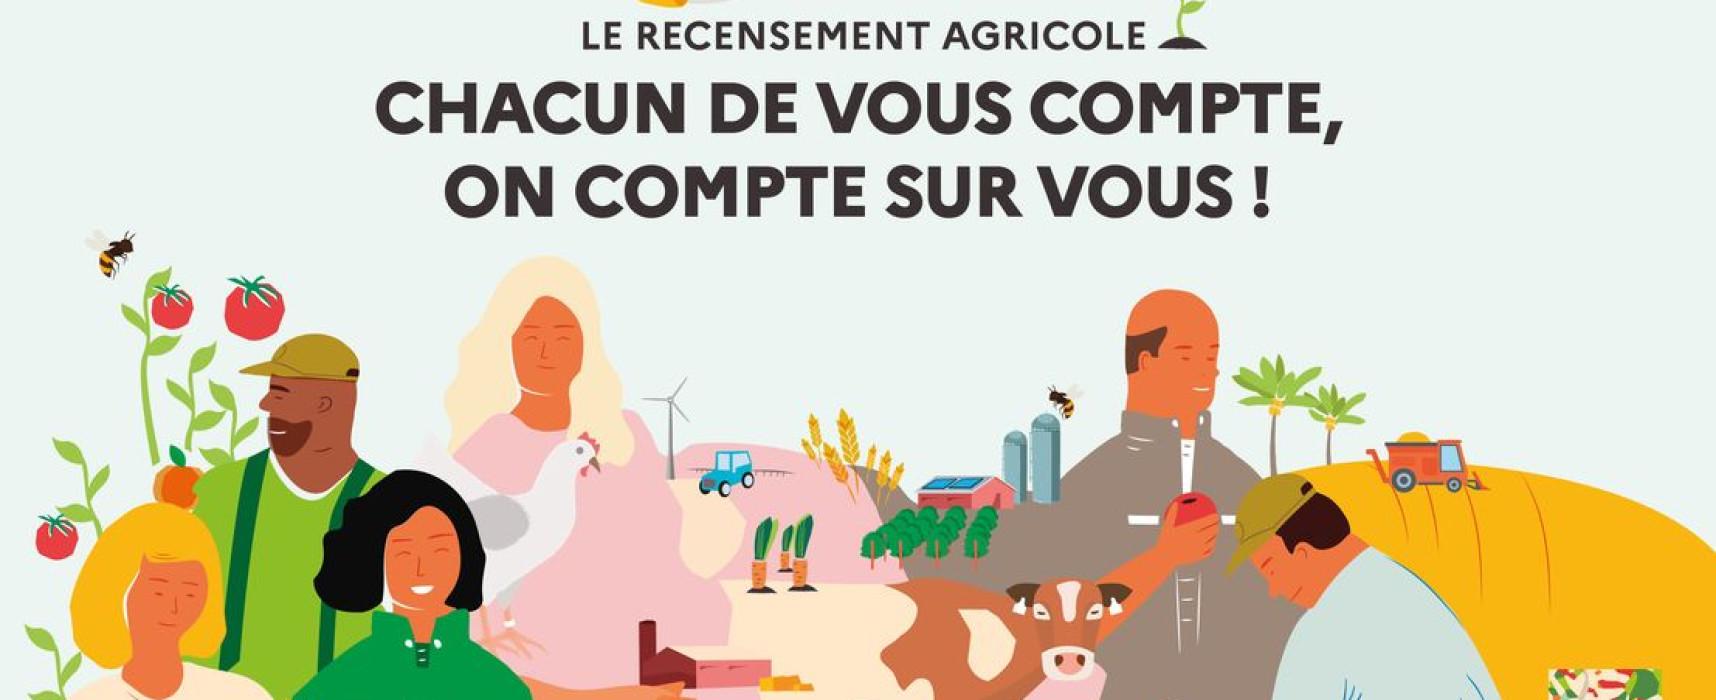 Recensement agricole 2020